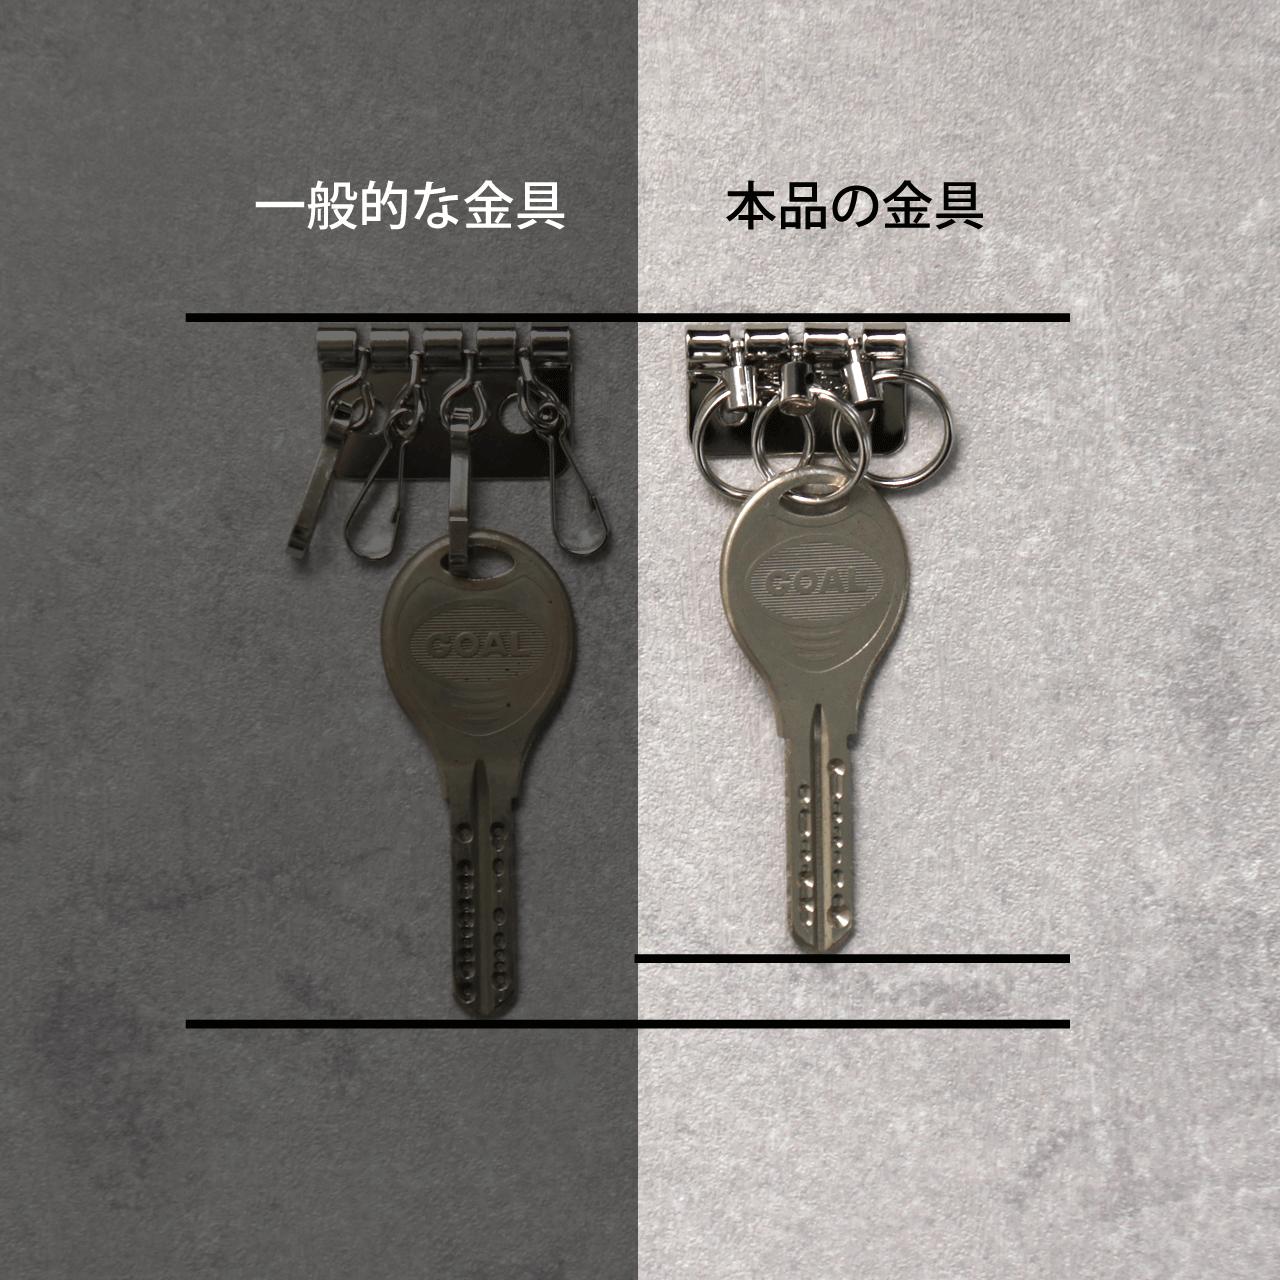 ギリギリぴったり鍵が入るコンパクトキーケース(本革)★ステッチ選べる★グリーン